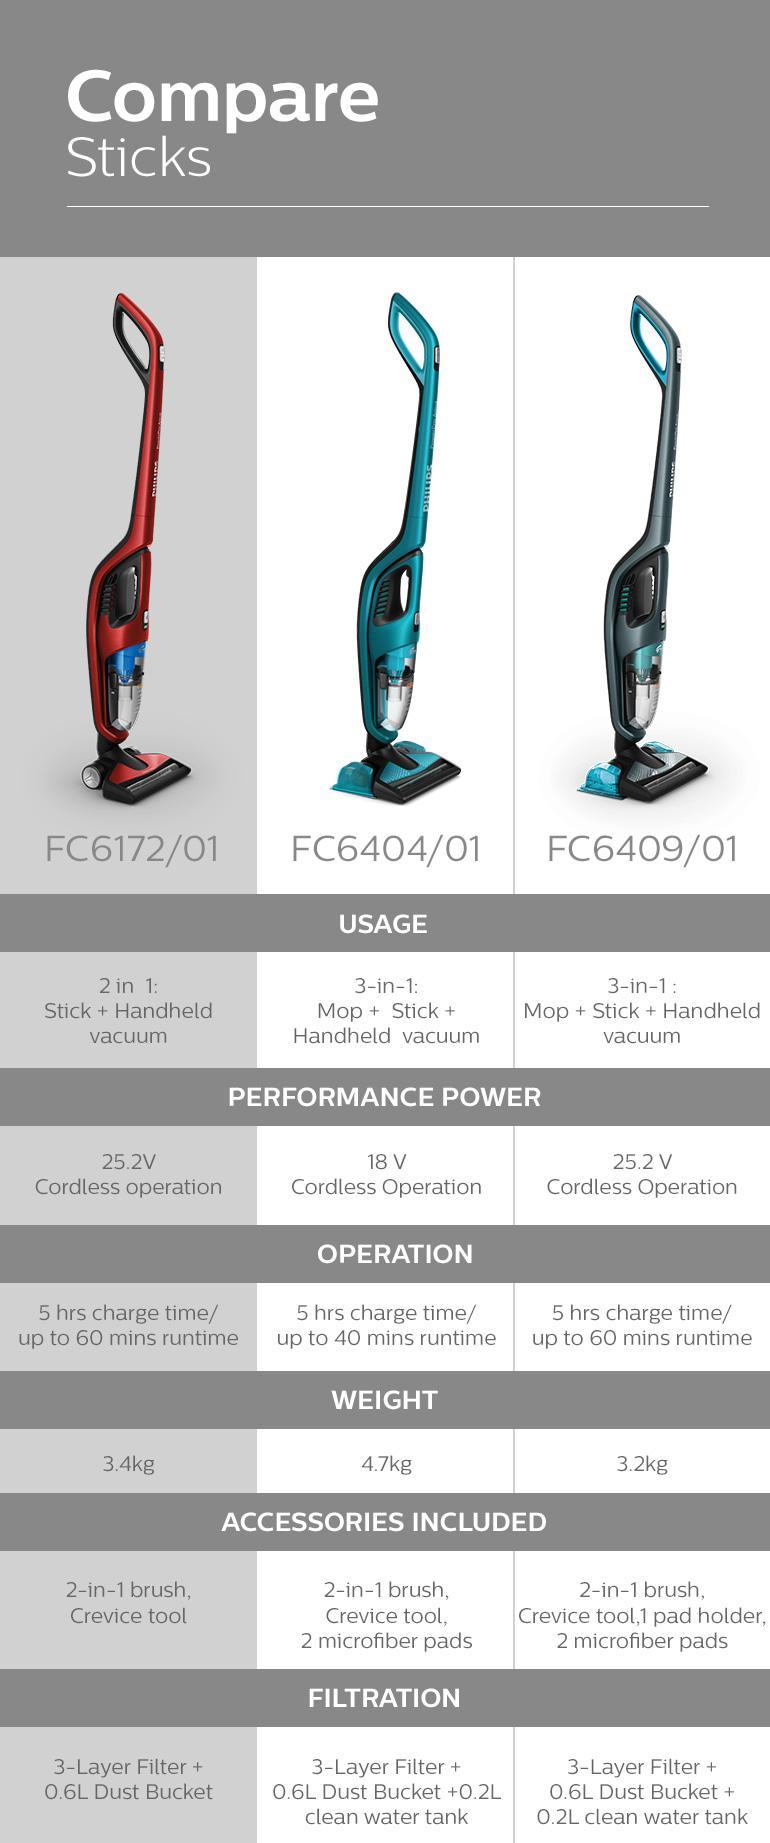 compare_Sticks_SG2_V1.jpg